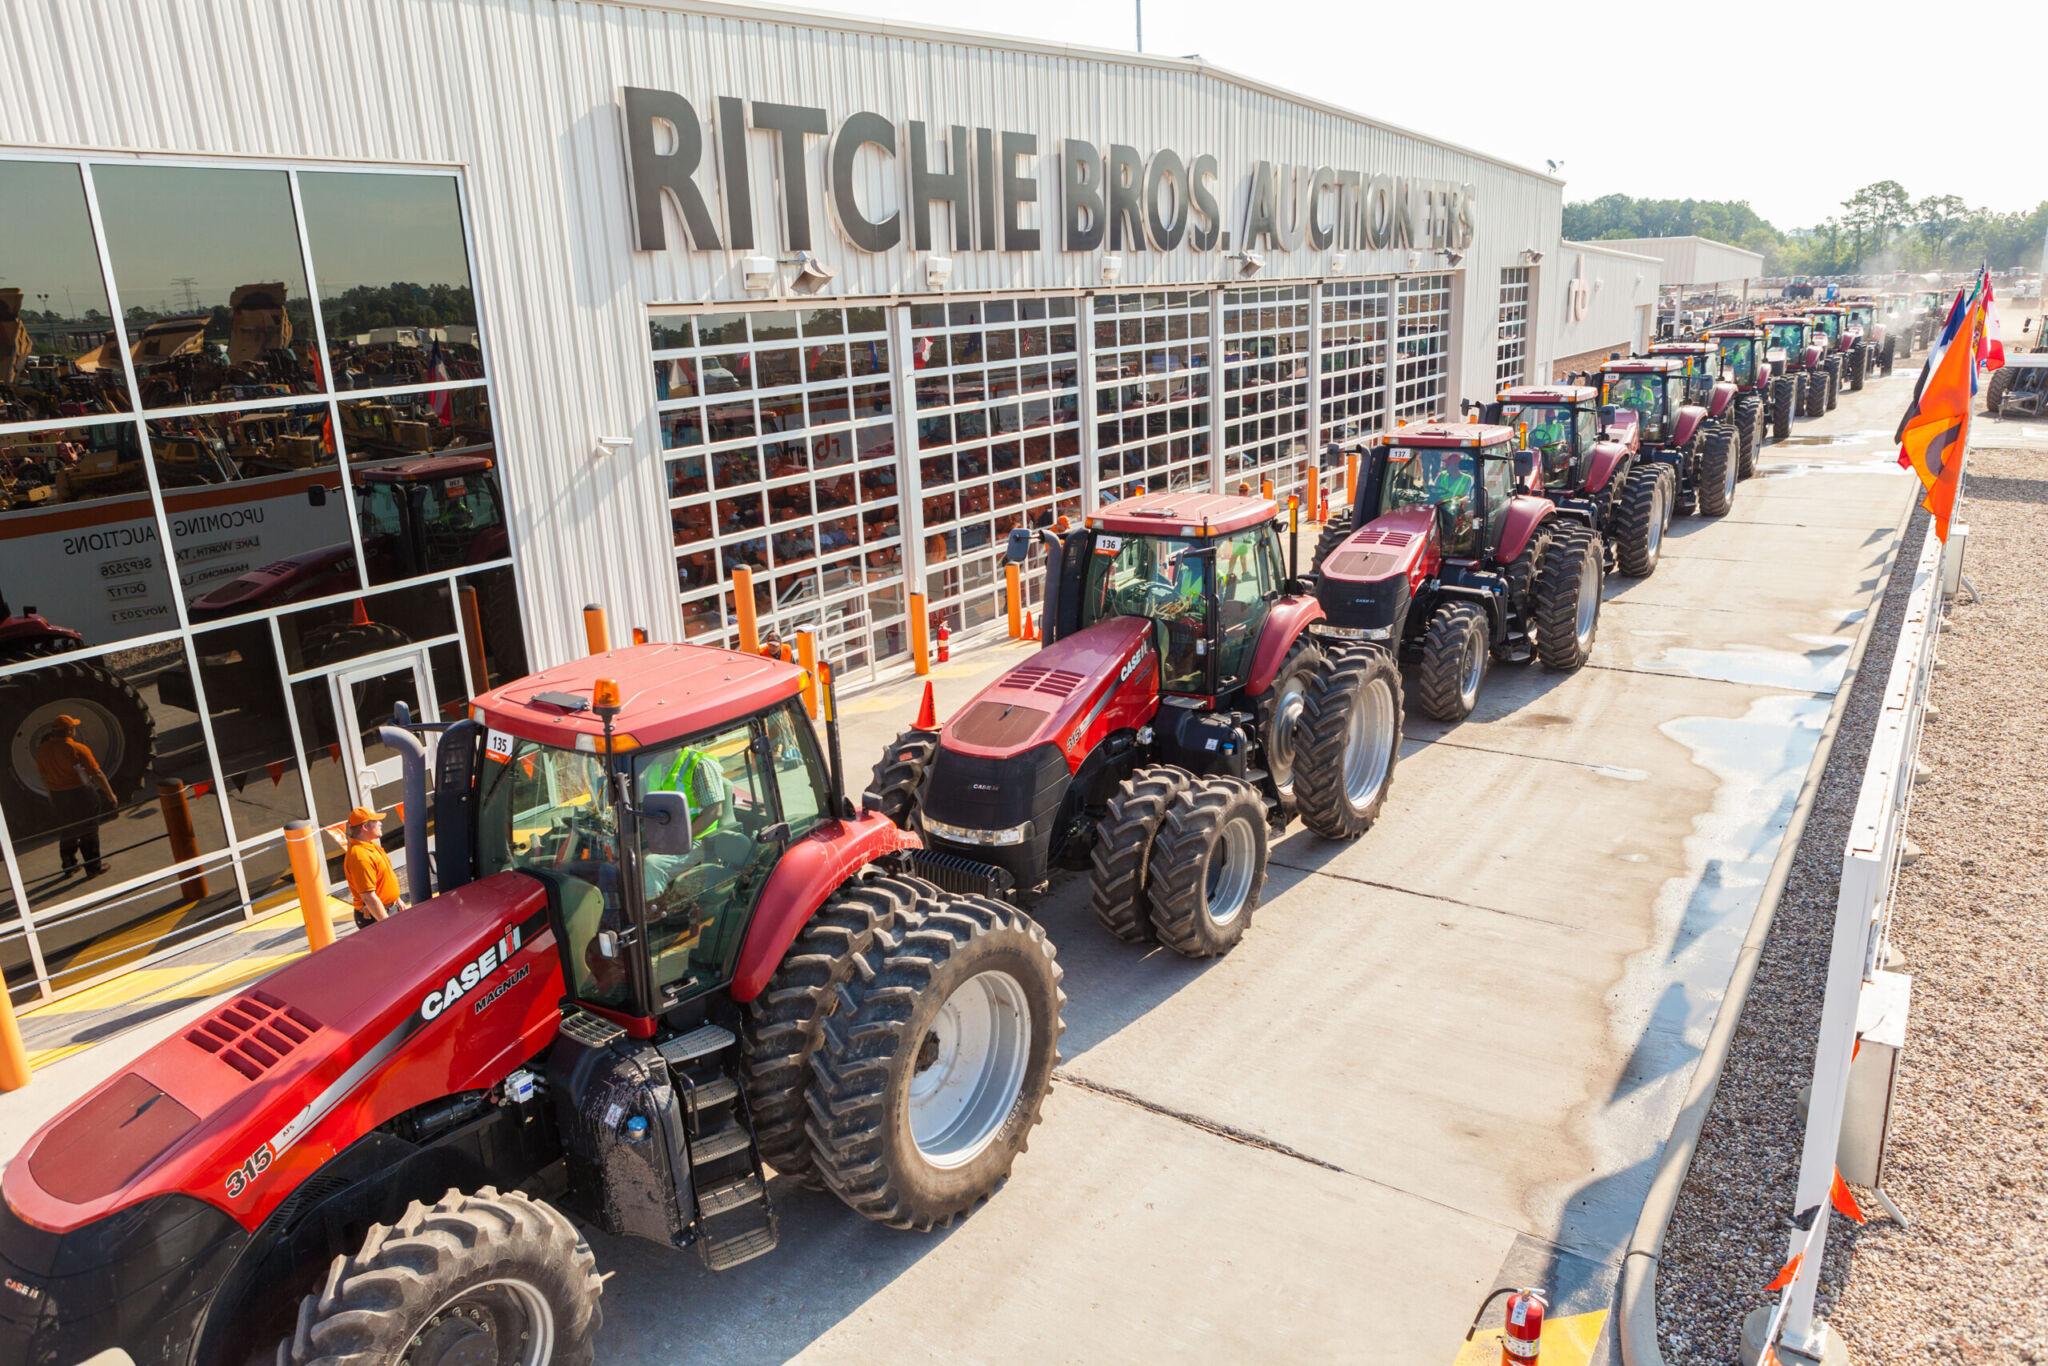 Ritchie Bros. Auktion|copyright: Ritchie Bros.